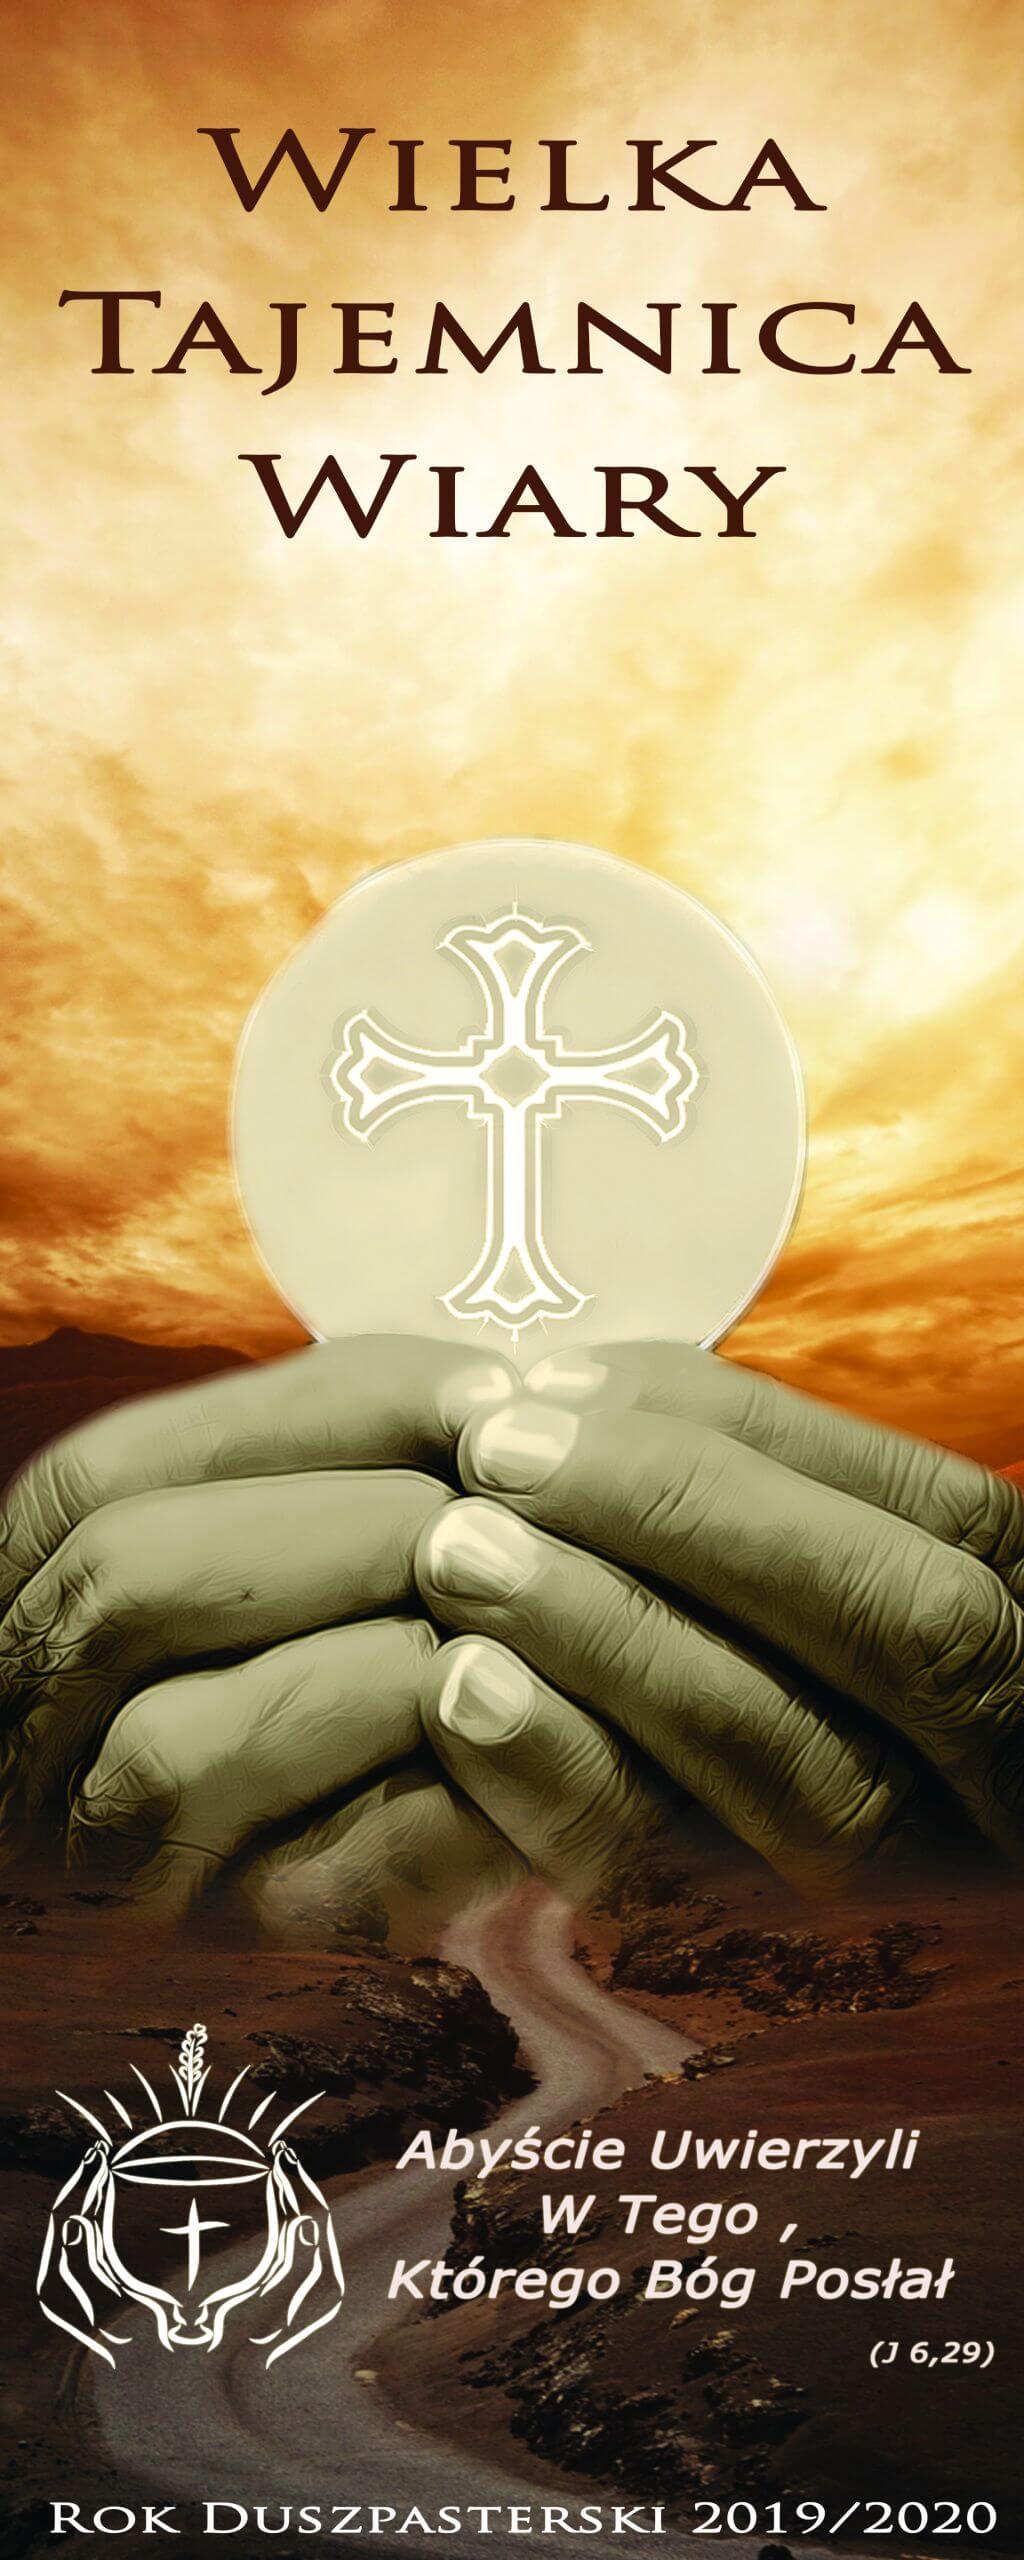 Znalezione obrazy dla zapytania wielka tajemnica wiary